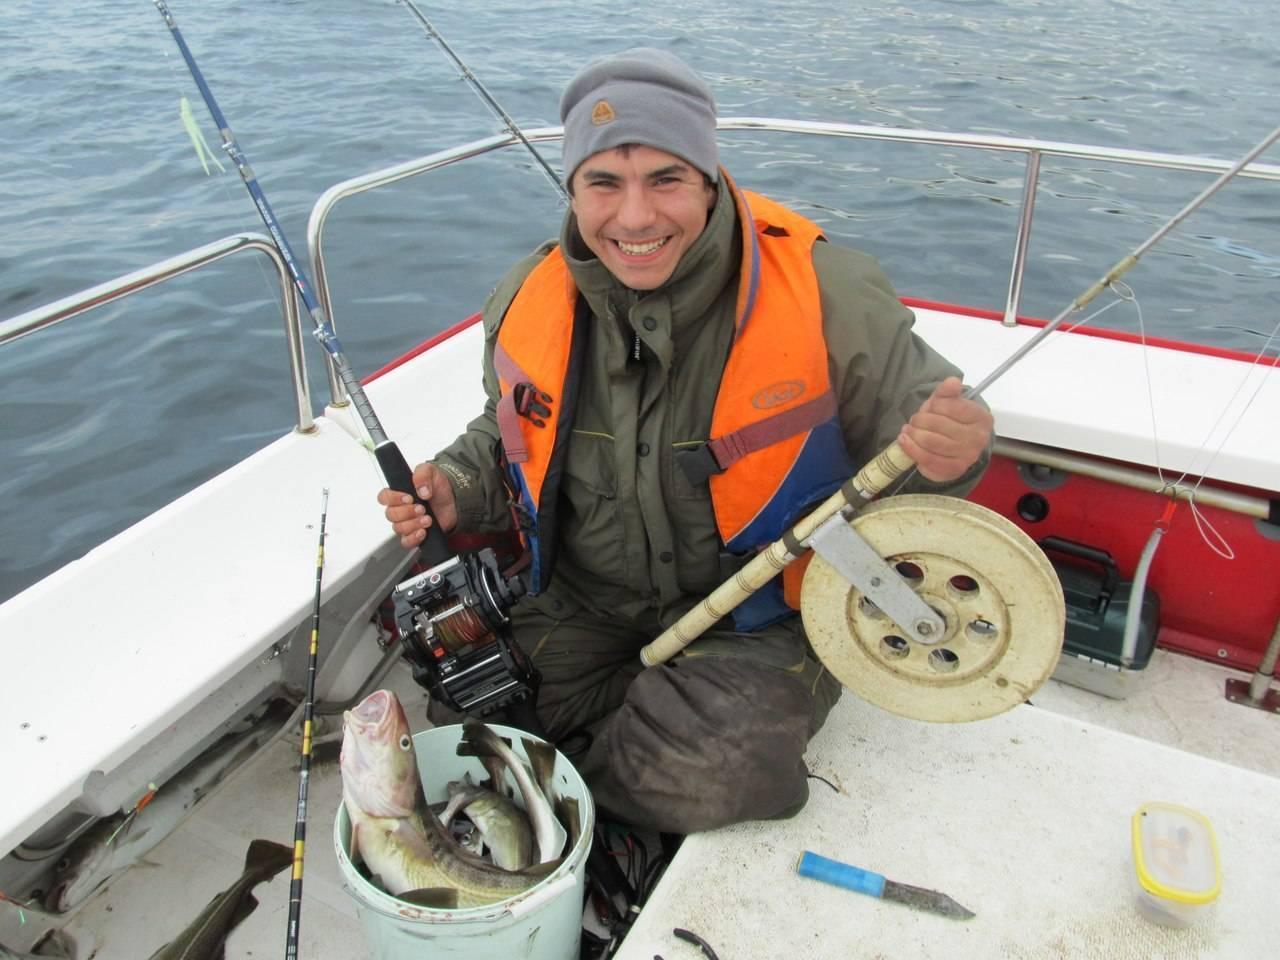 Морская рыбалка: особенности, снасти и как ловить рыбу морская рыбалка: особенности, снасти и как ловить рыбу